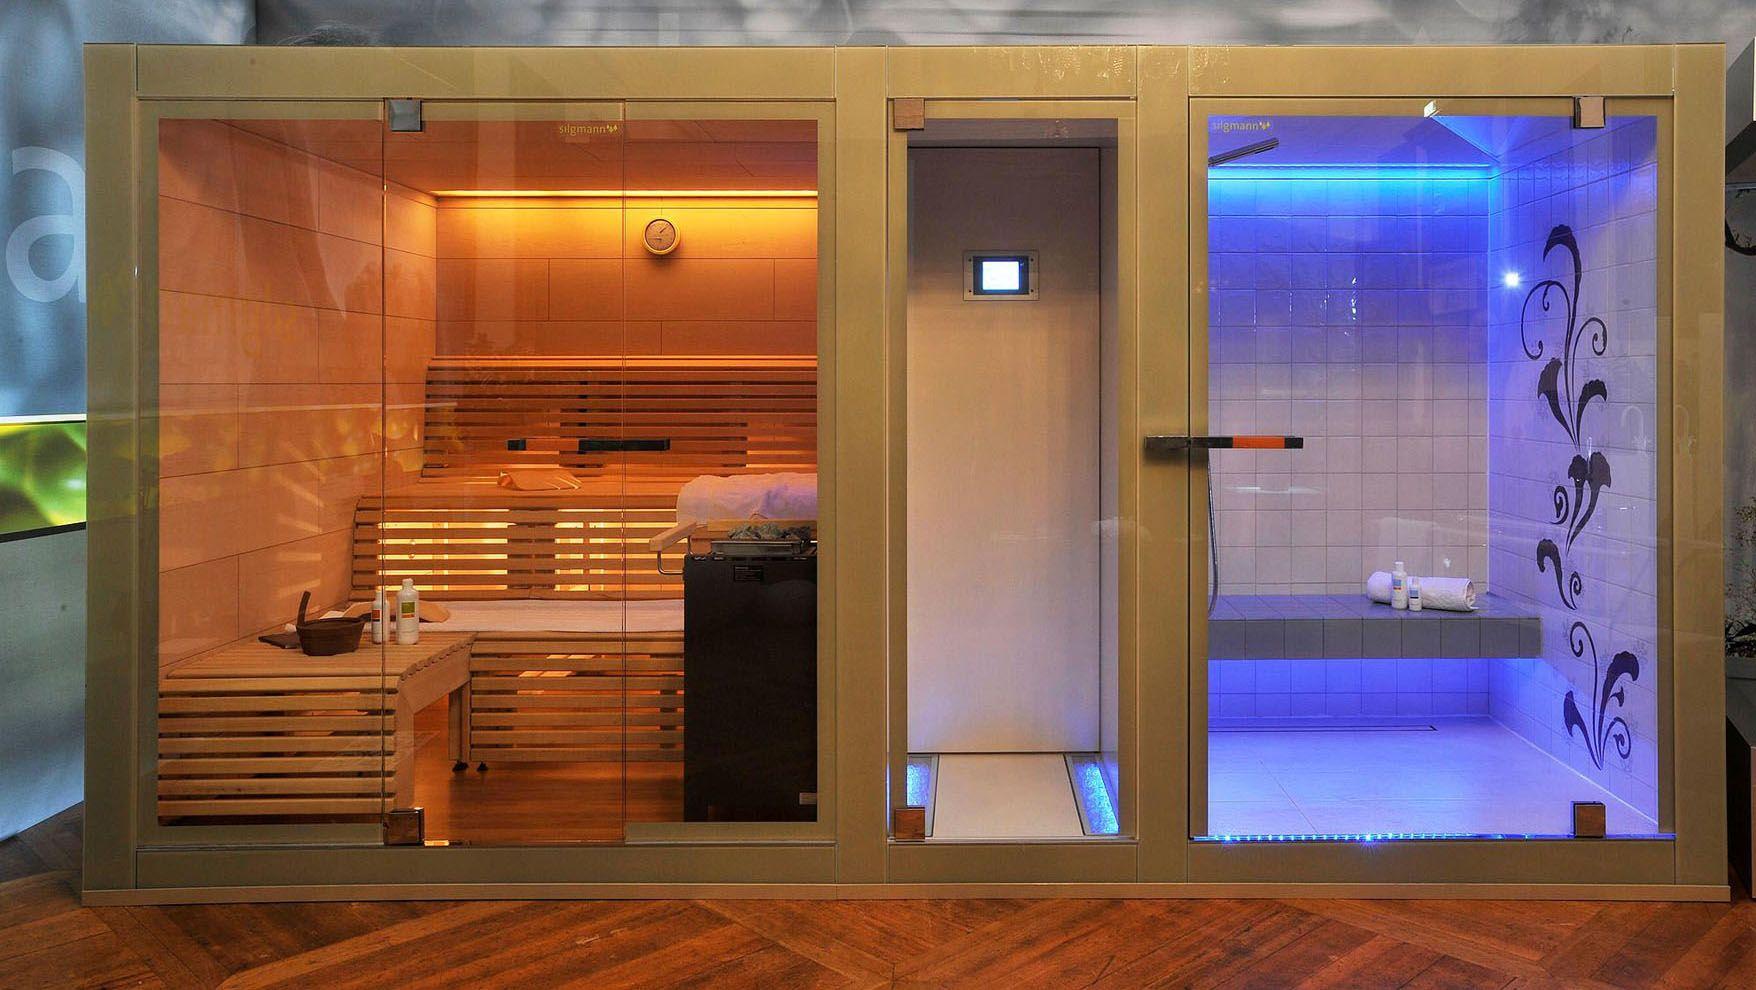 Bagno arabo ~ Silgmann sauna saunabau dampfbäder infrarot archiv www